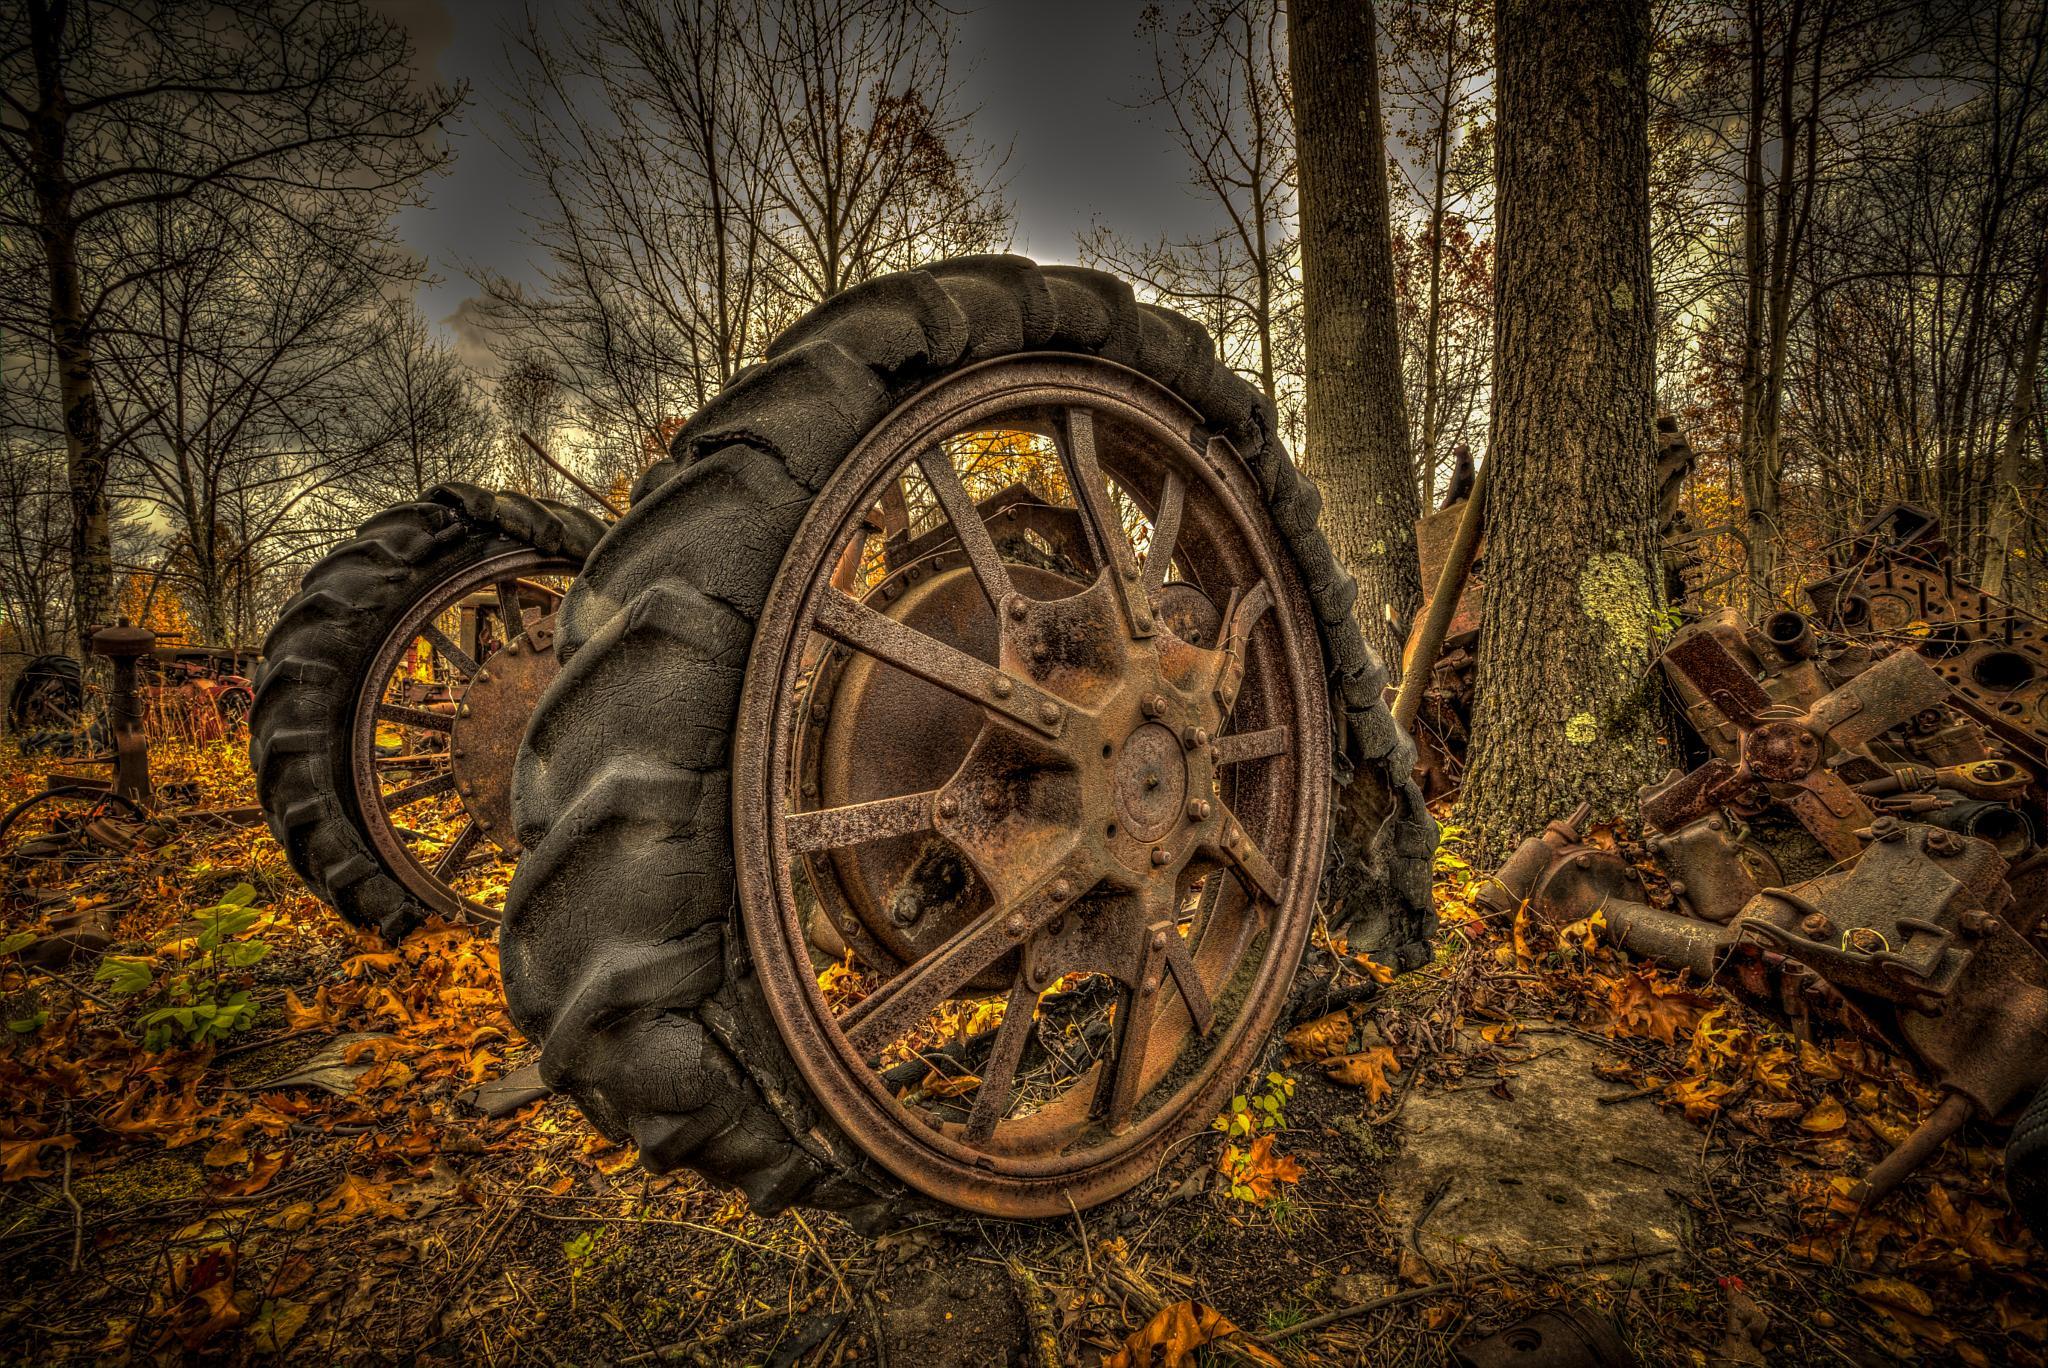 Wheels 31 by ThunderMountainPhoto